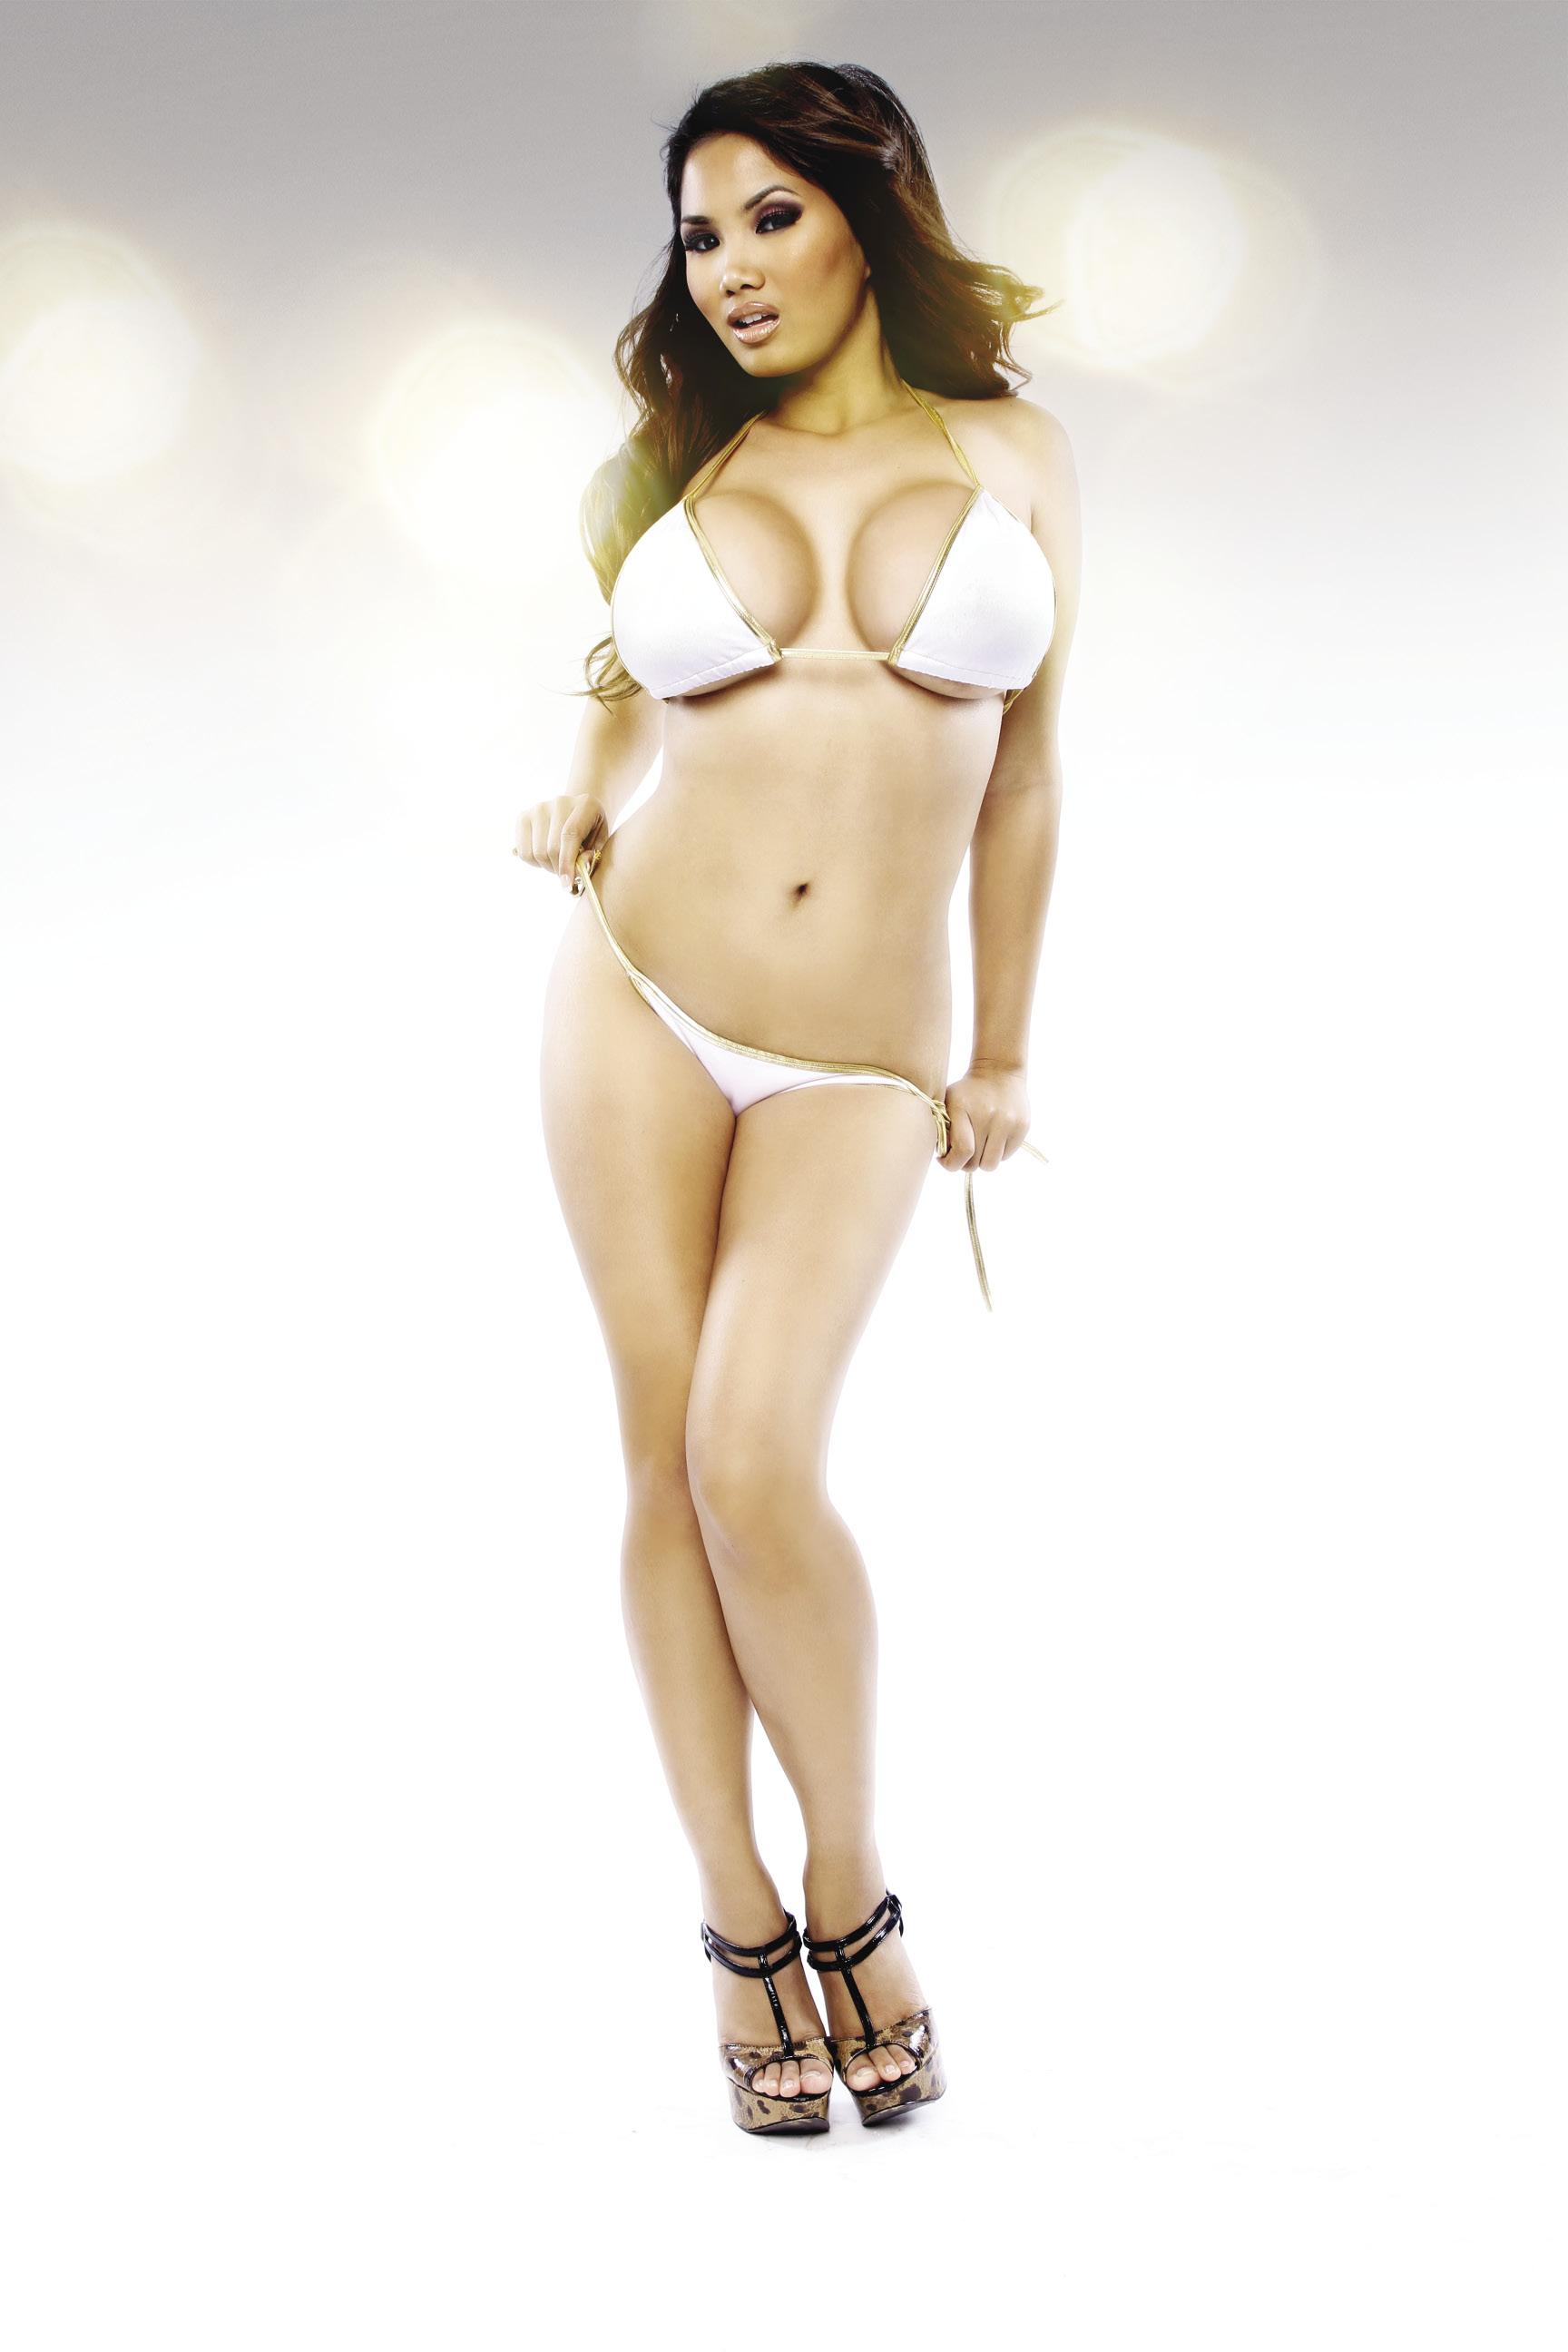 Xena Kai Porn